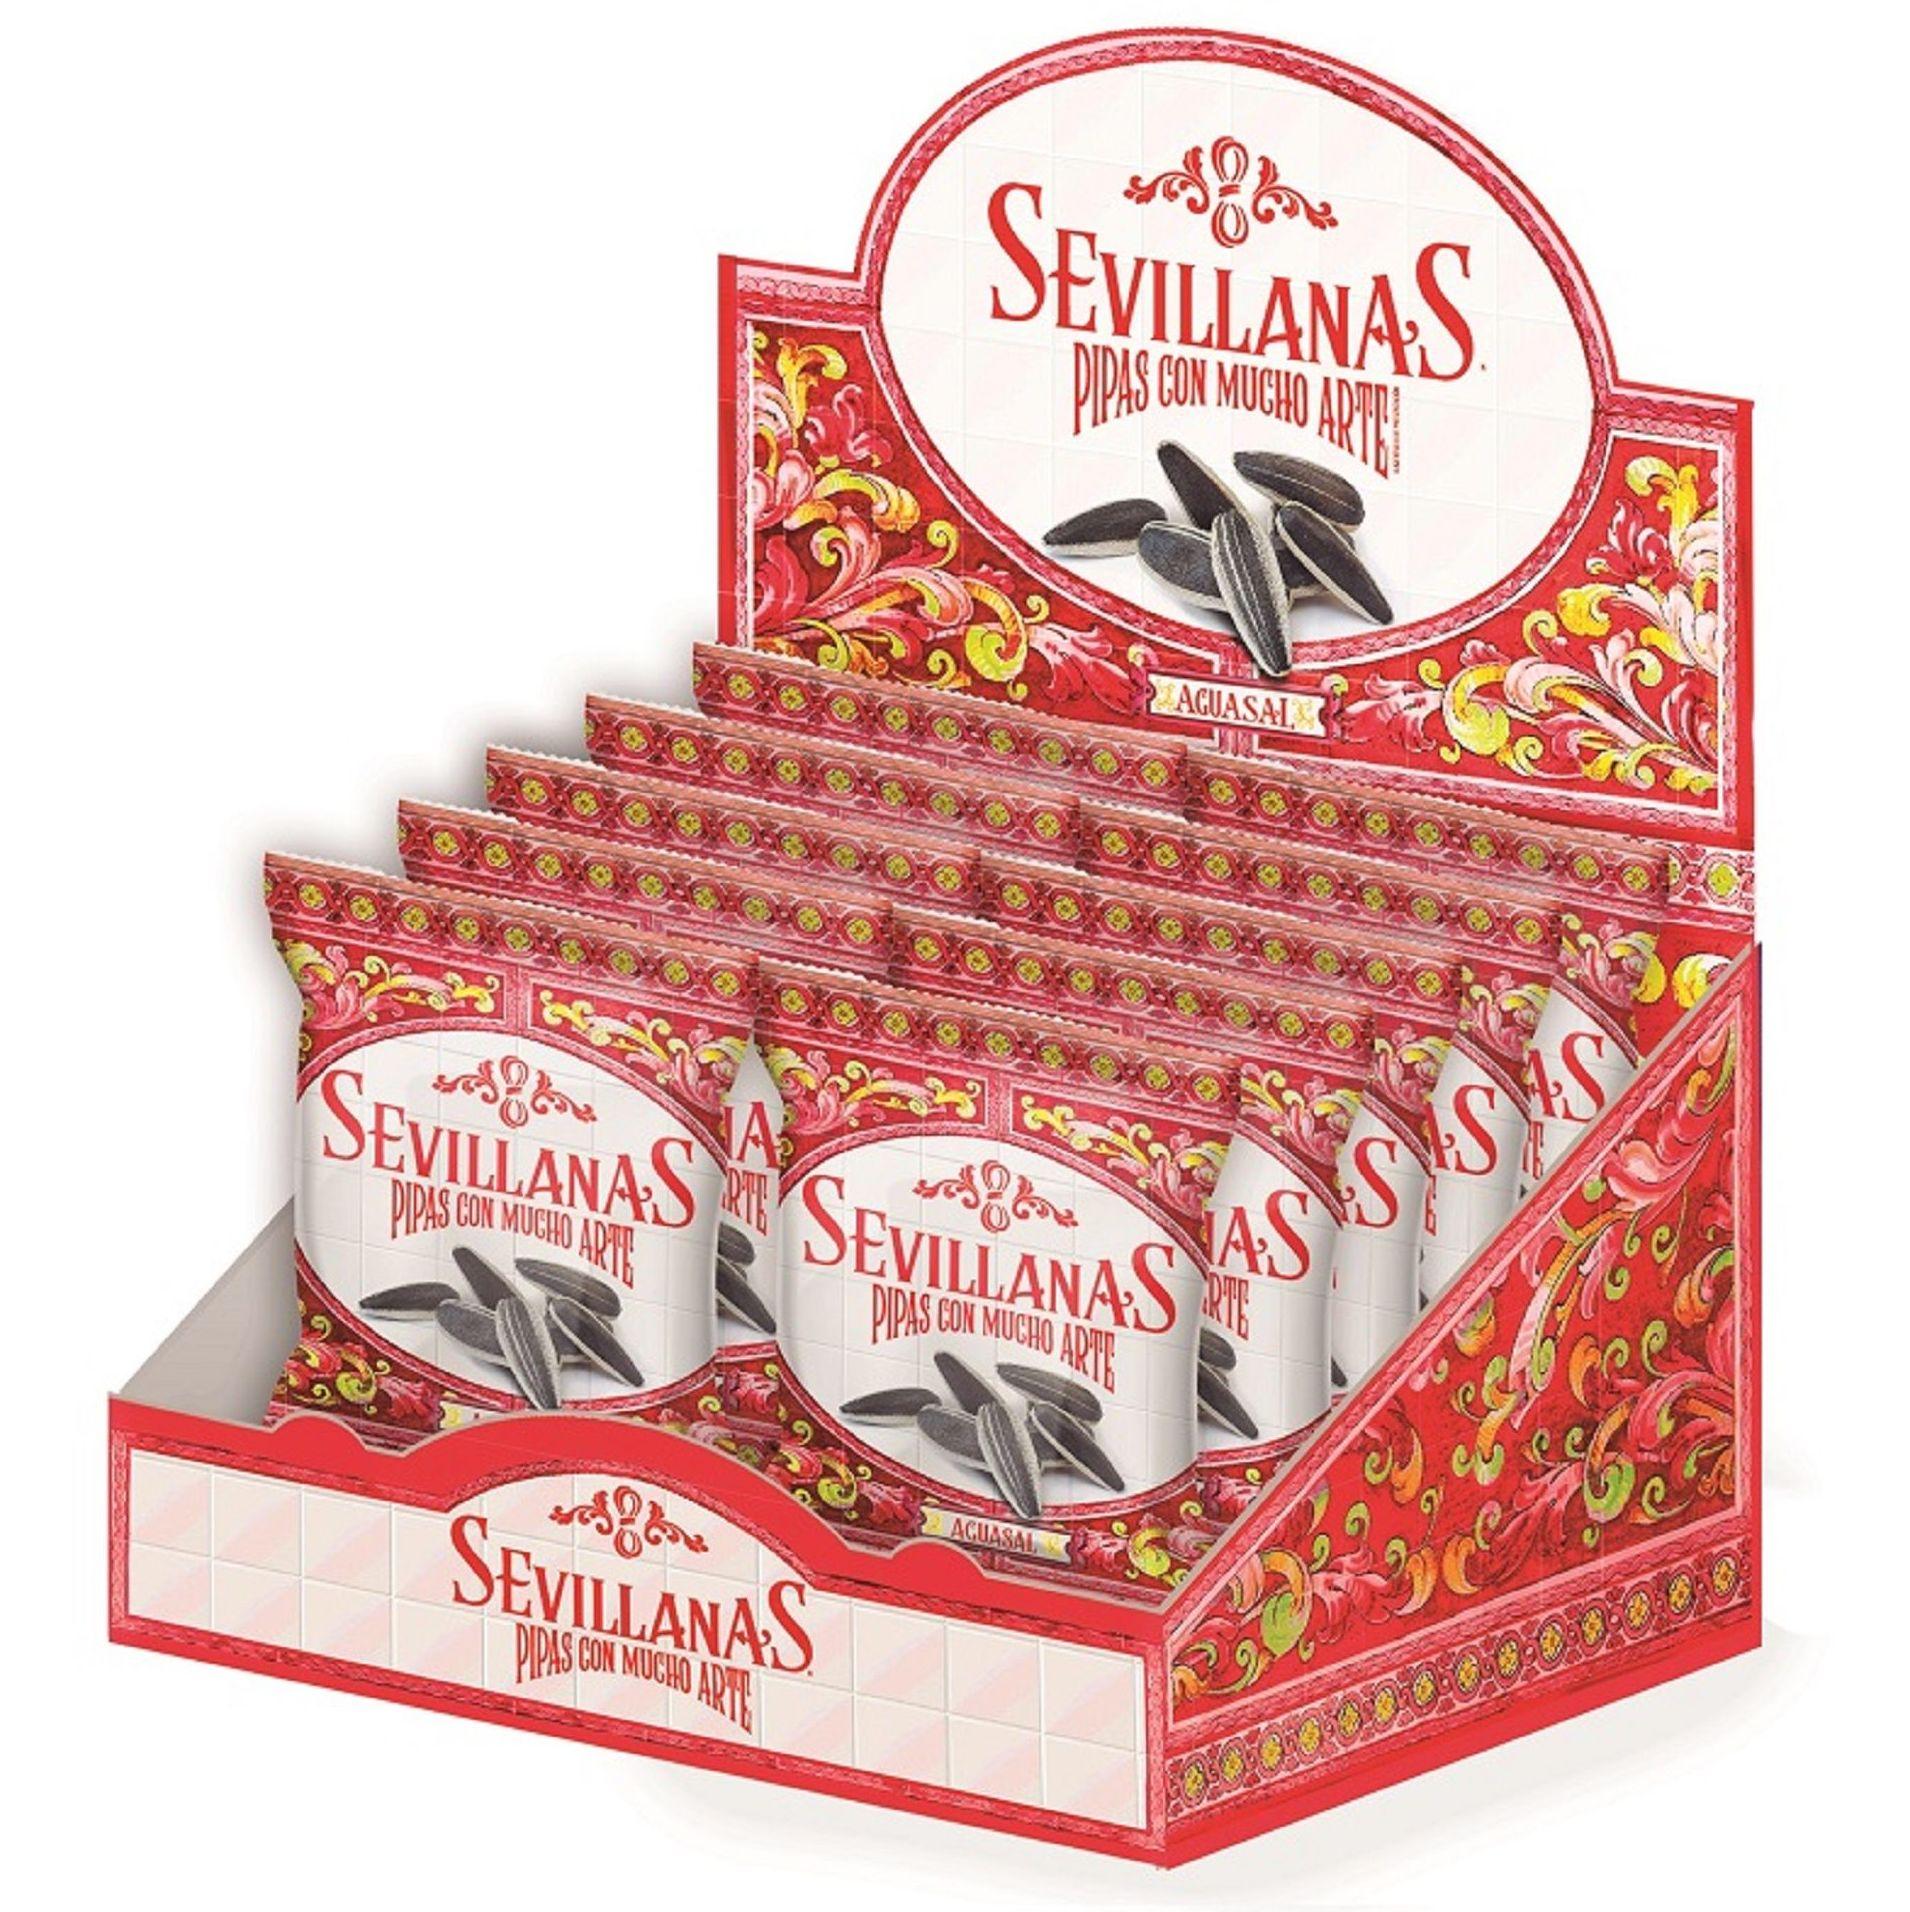 Pipas SEVILLANAS & ROCIERAS: Productos de Sarigabo, S. L.